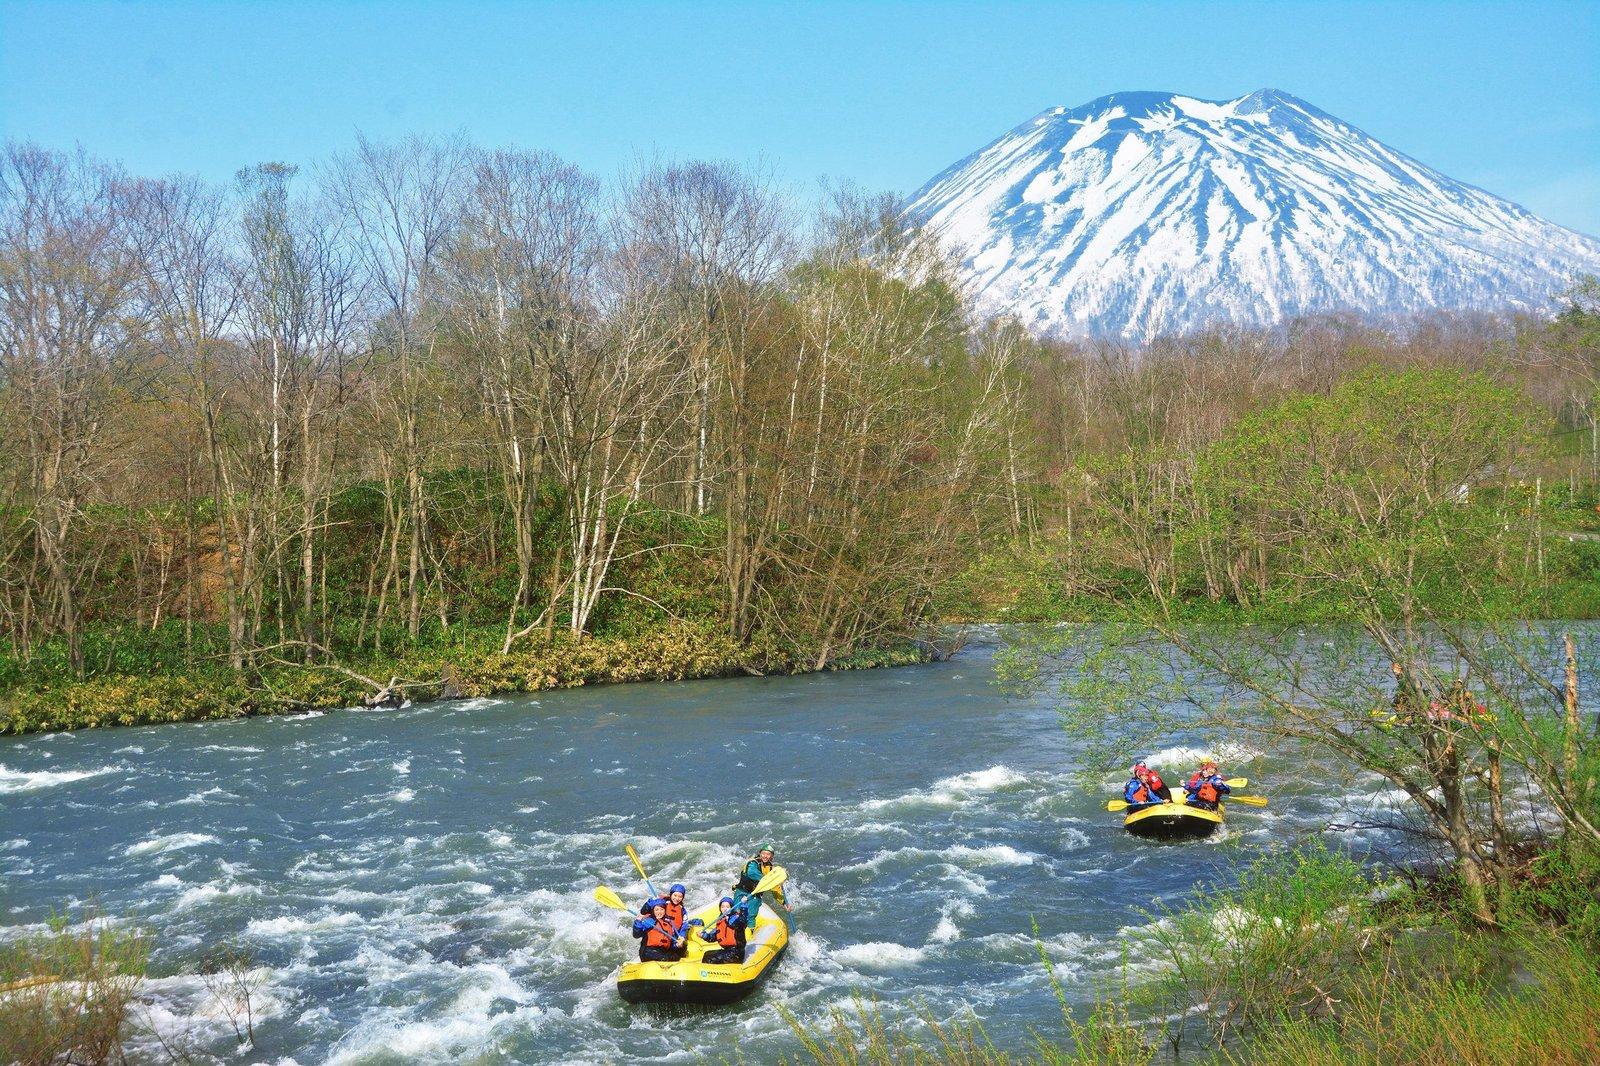 羊蹄山に向かってラフティングボートをこぐ人々